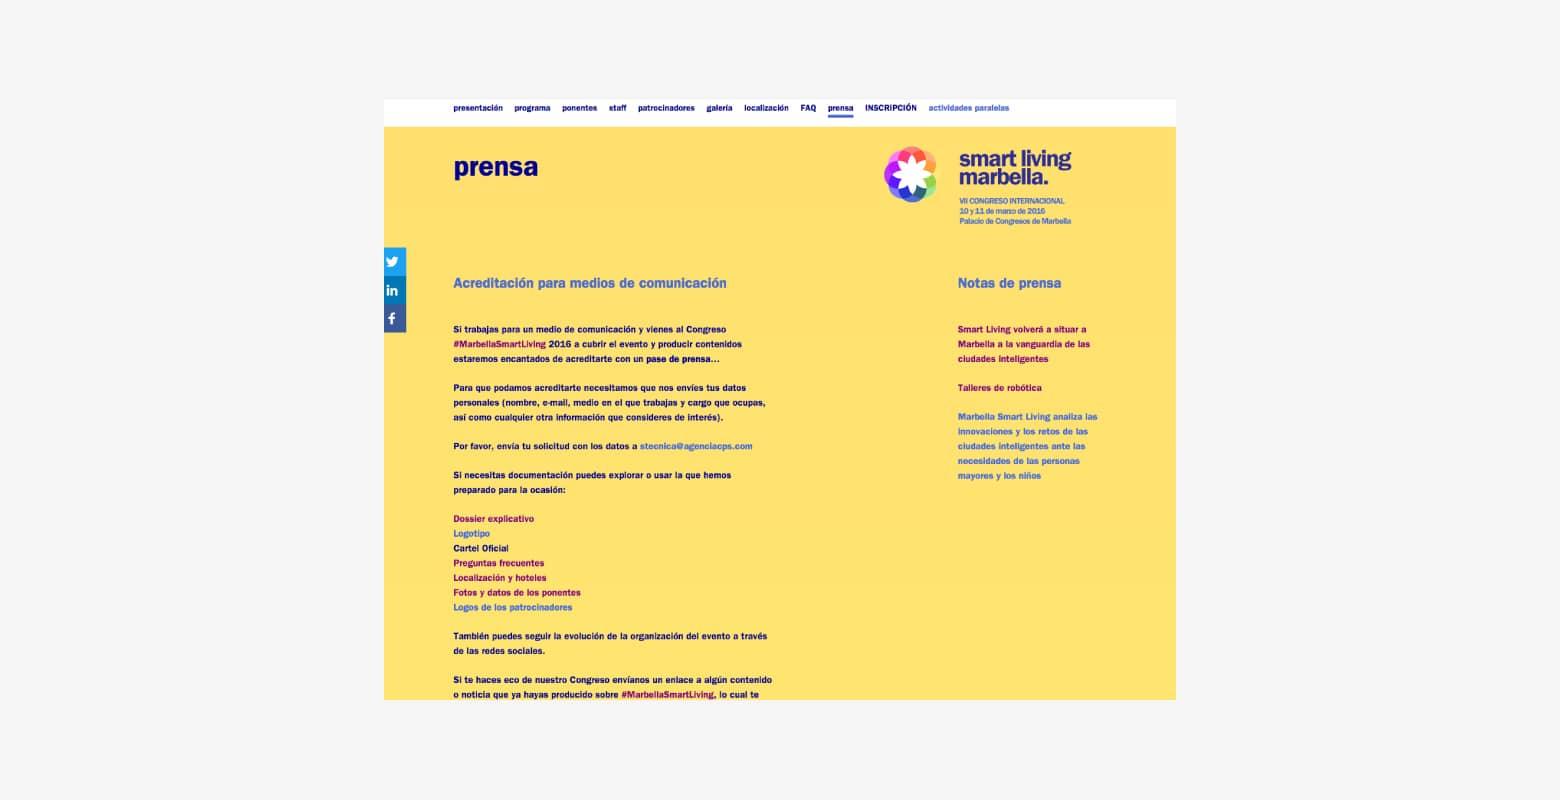 diseno-web-y-diseno-grafico-convencion-05